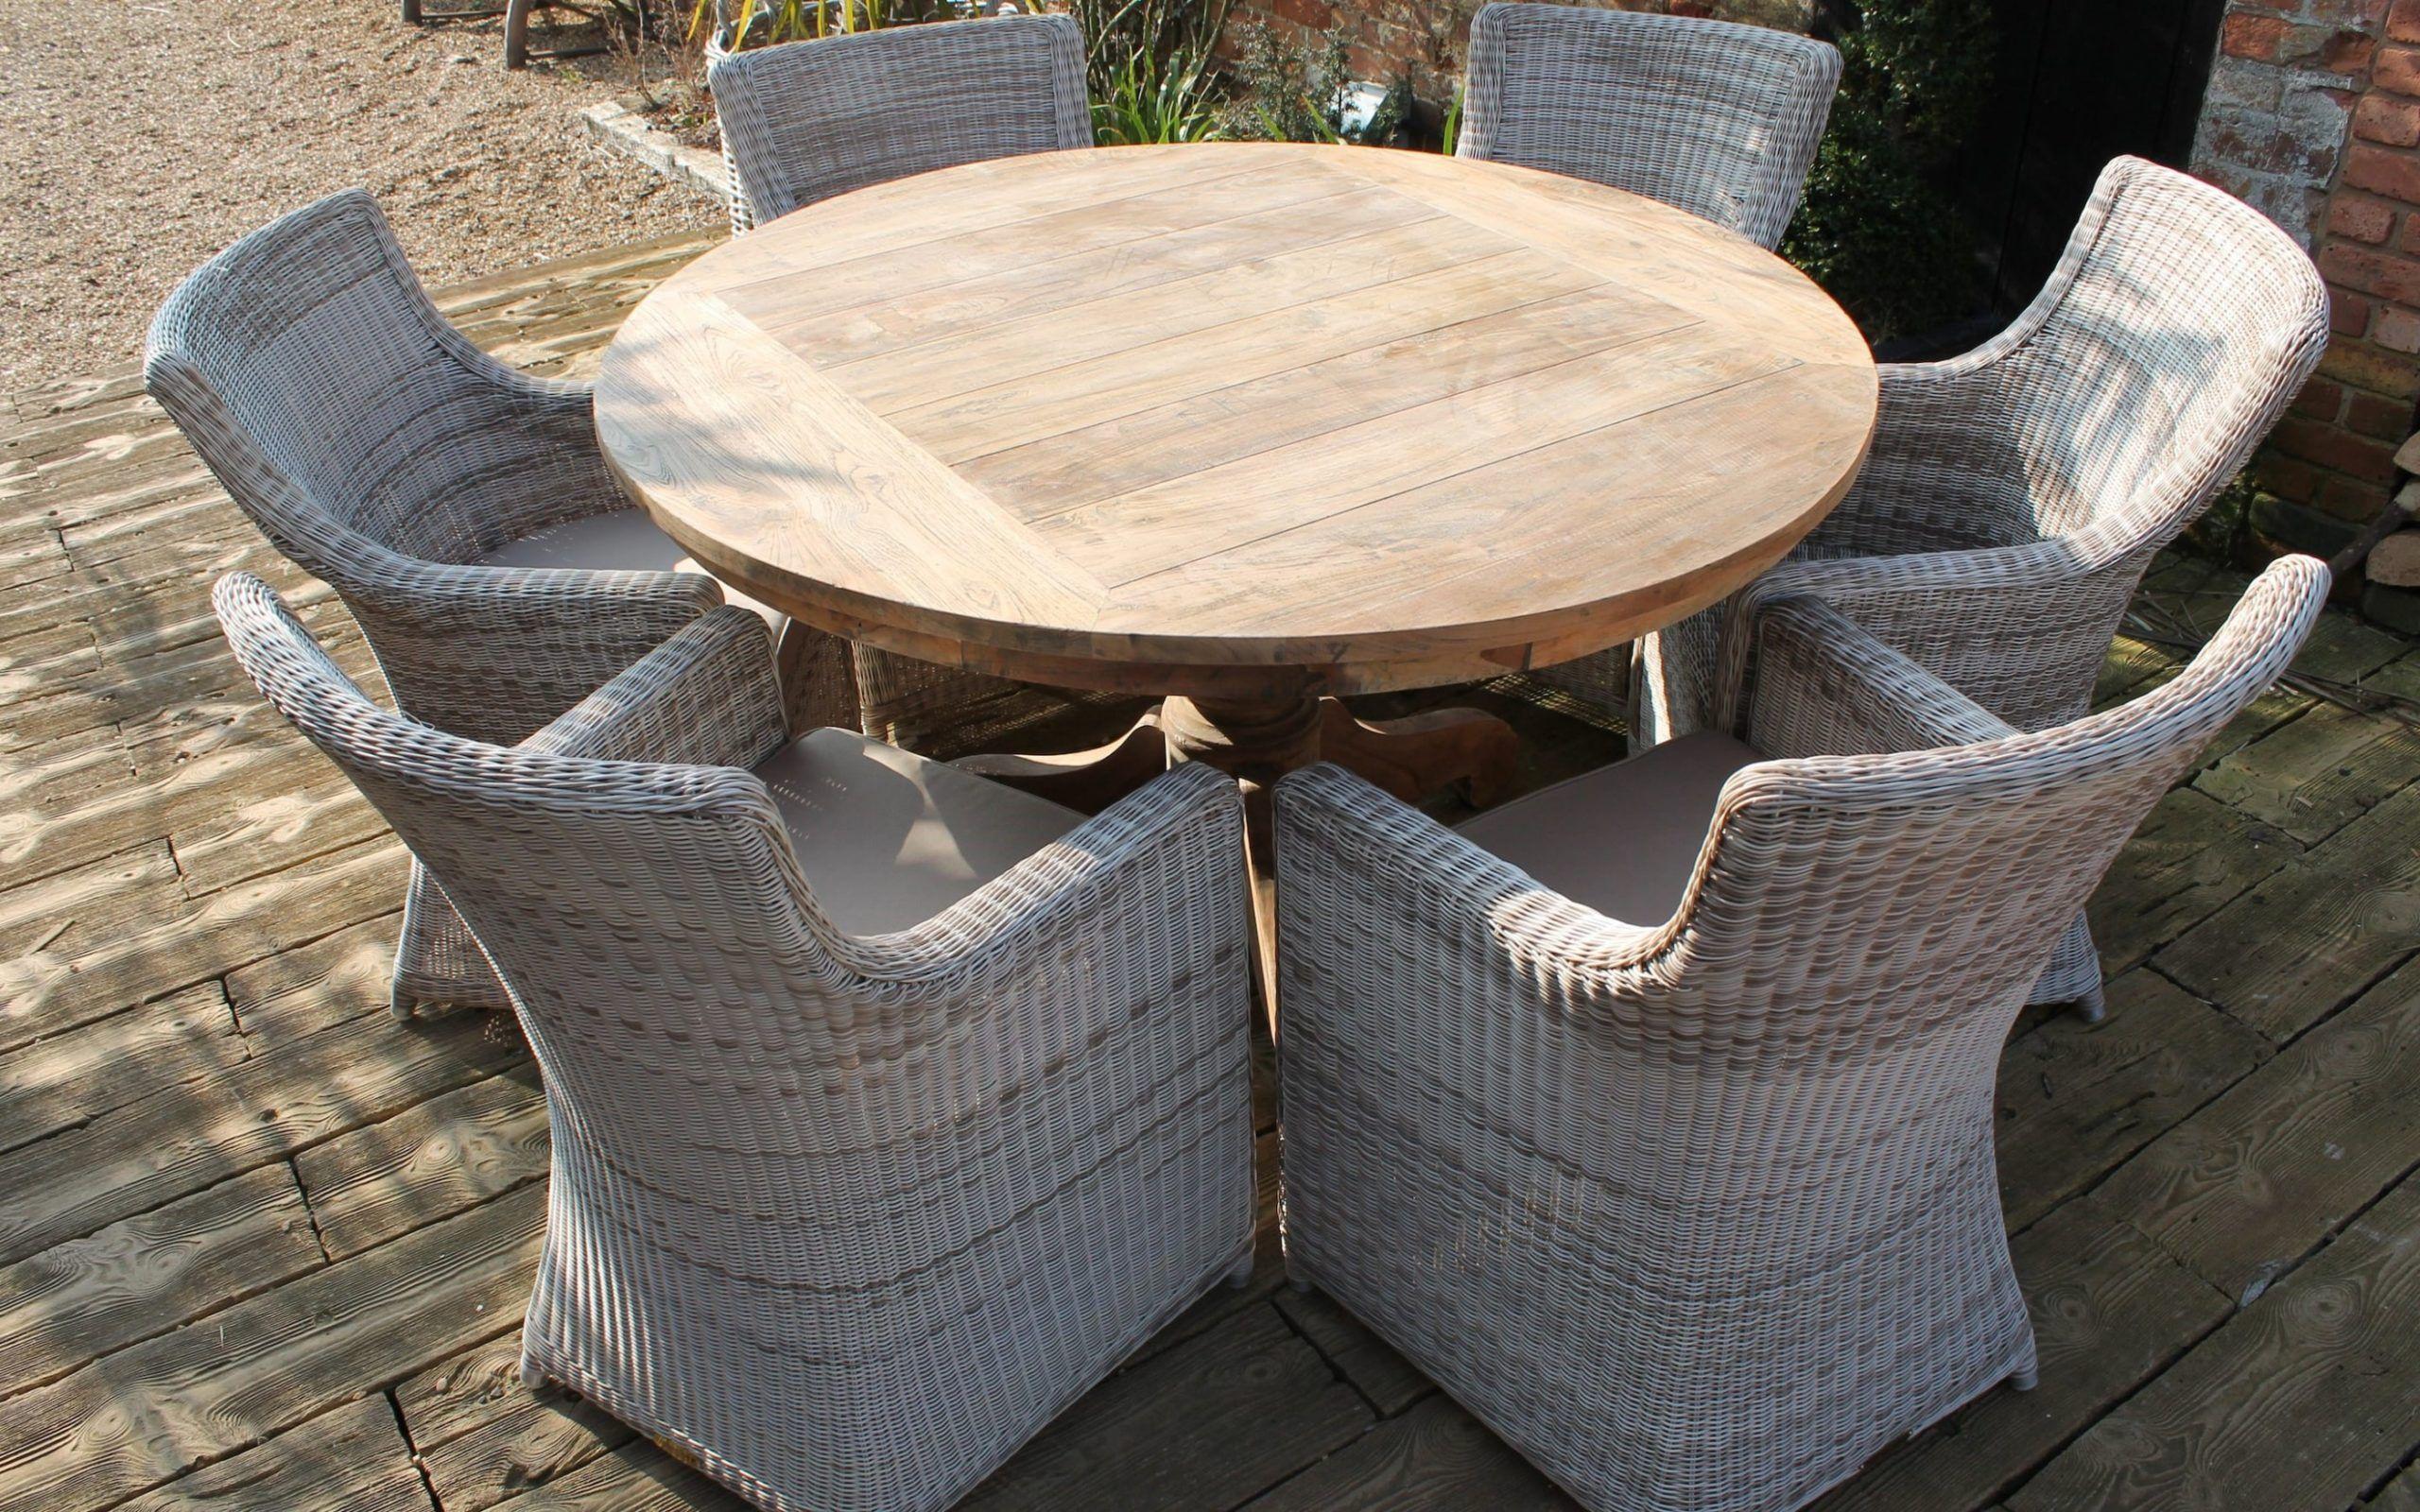 Garden Furniture On Finance#finance #furniture #garden in 9